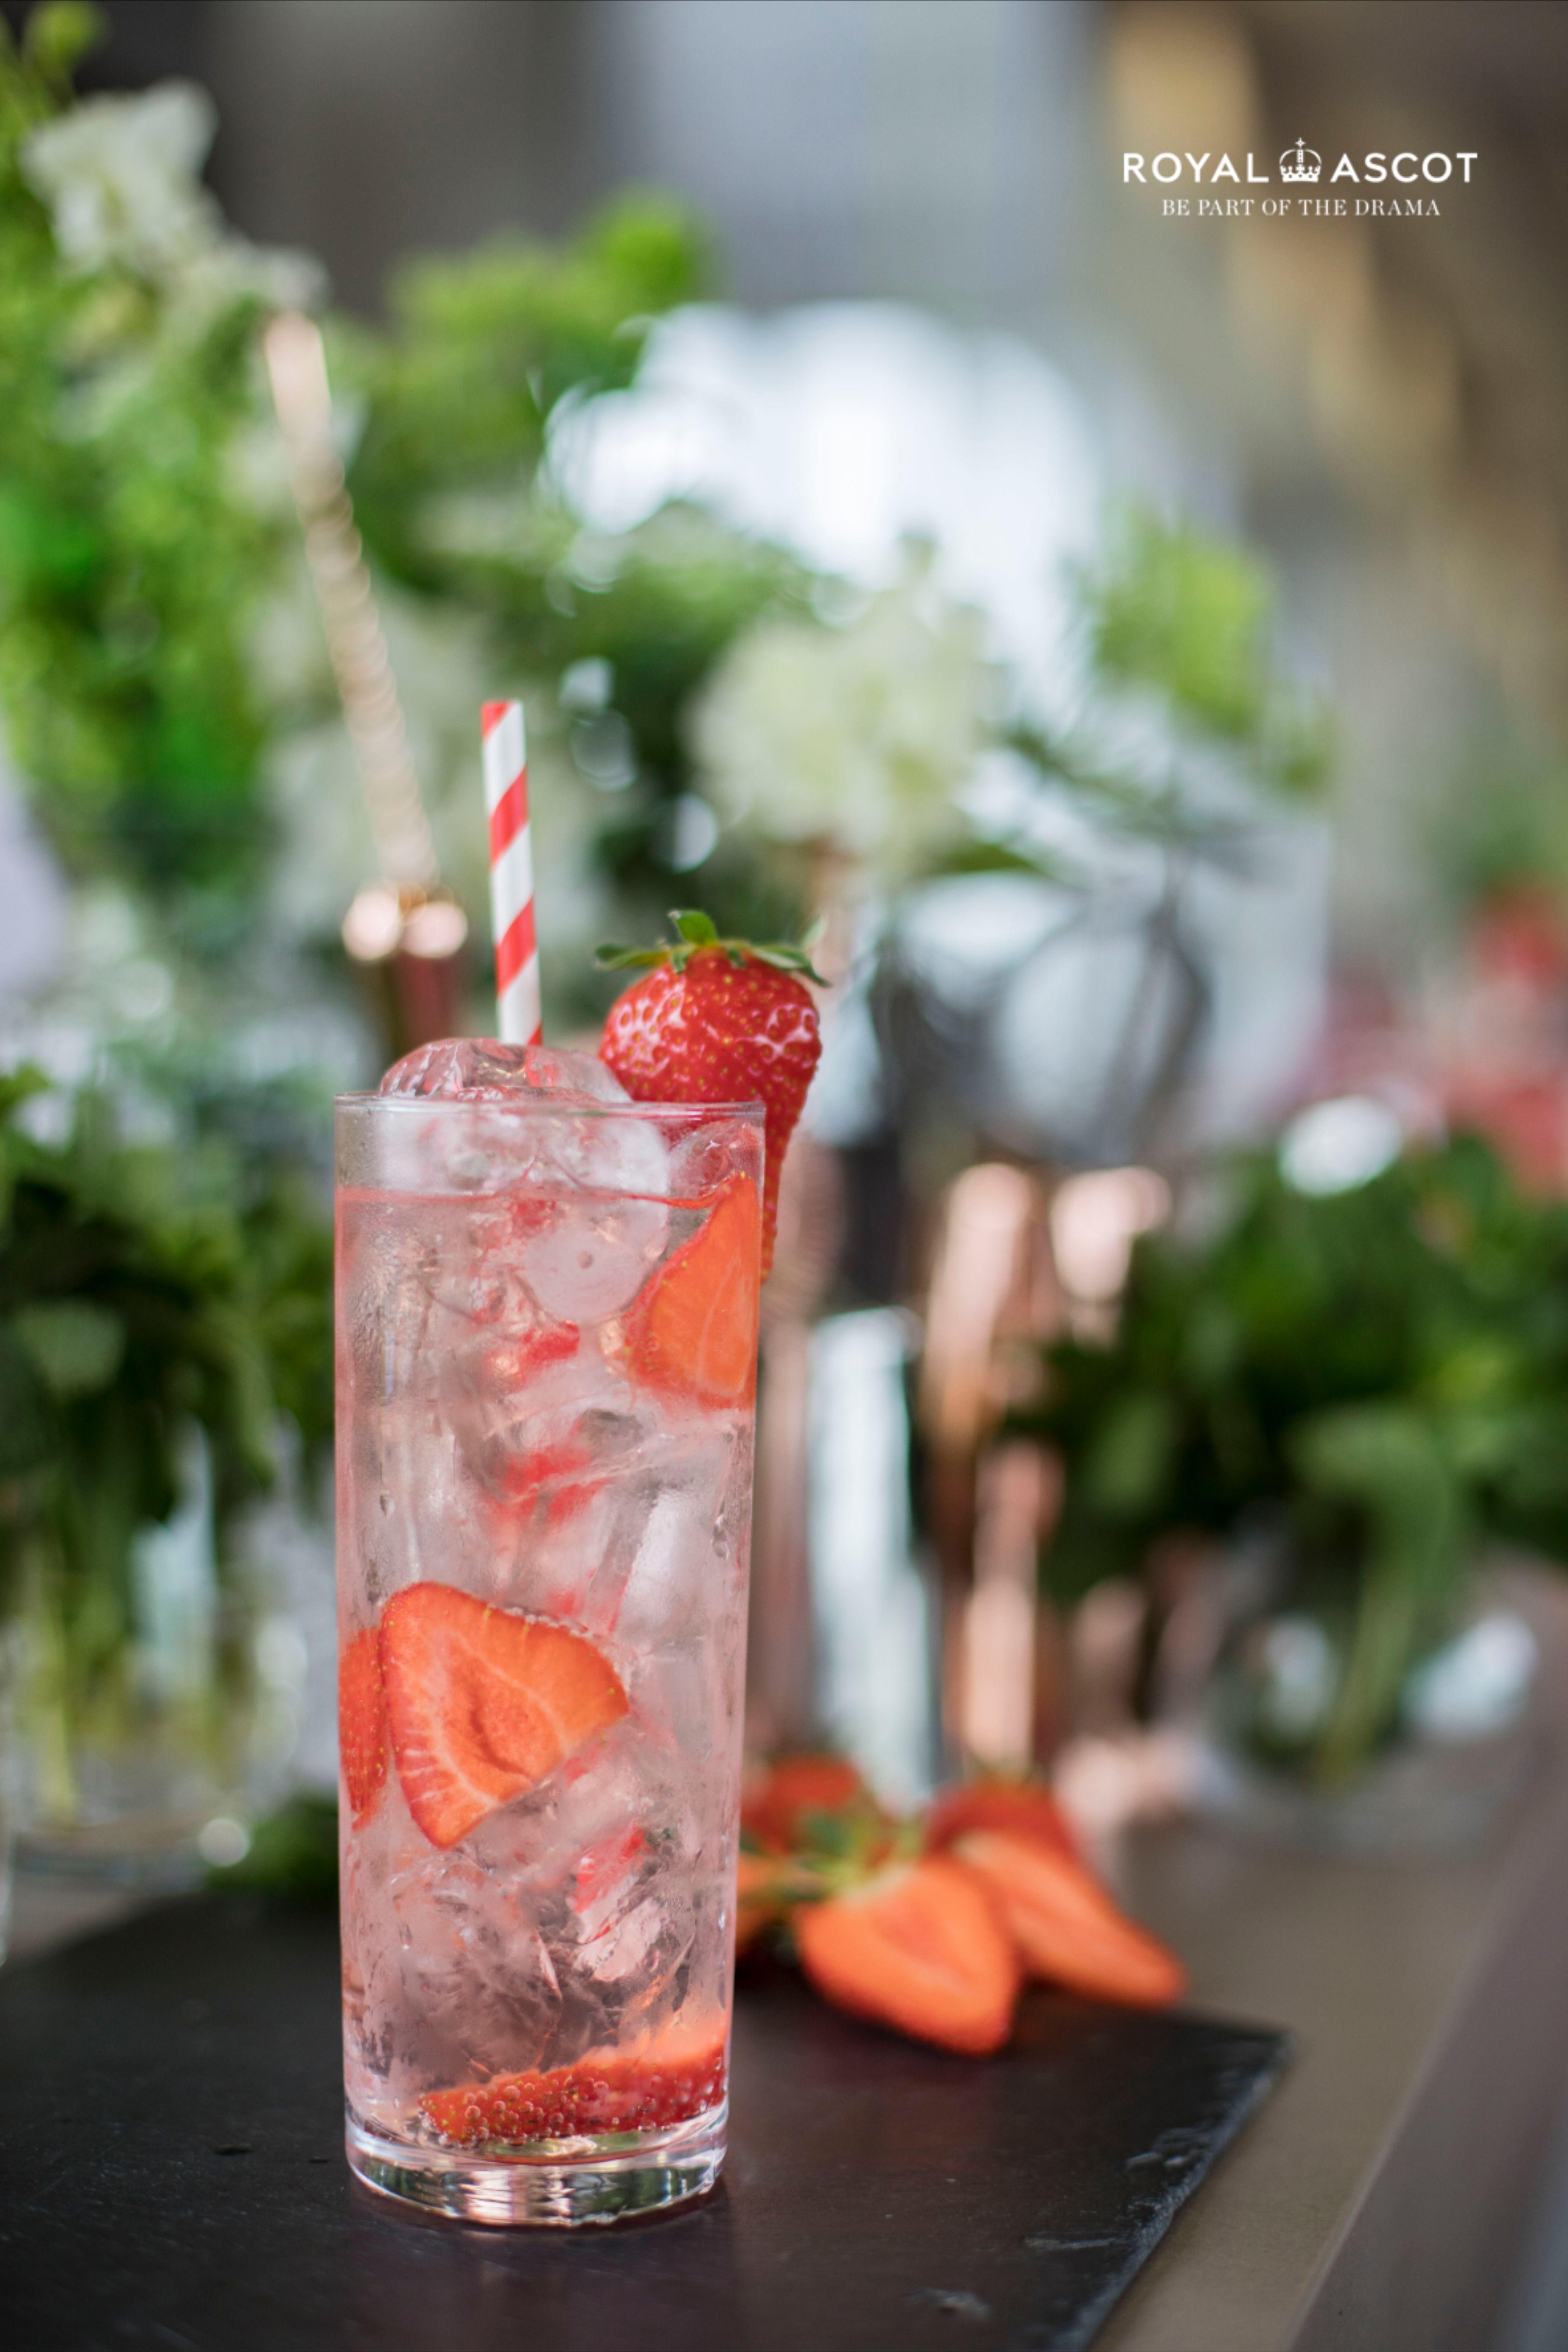 The Royal Ascot Blush in 2020 Ascot, Pink gin, Royal ascot